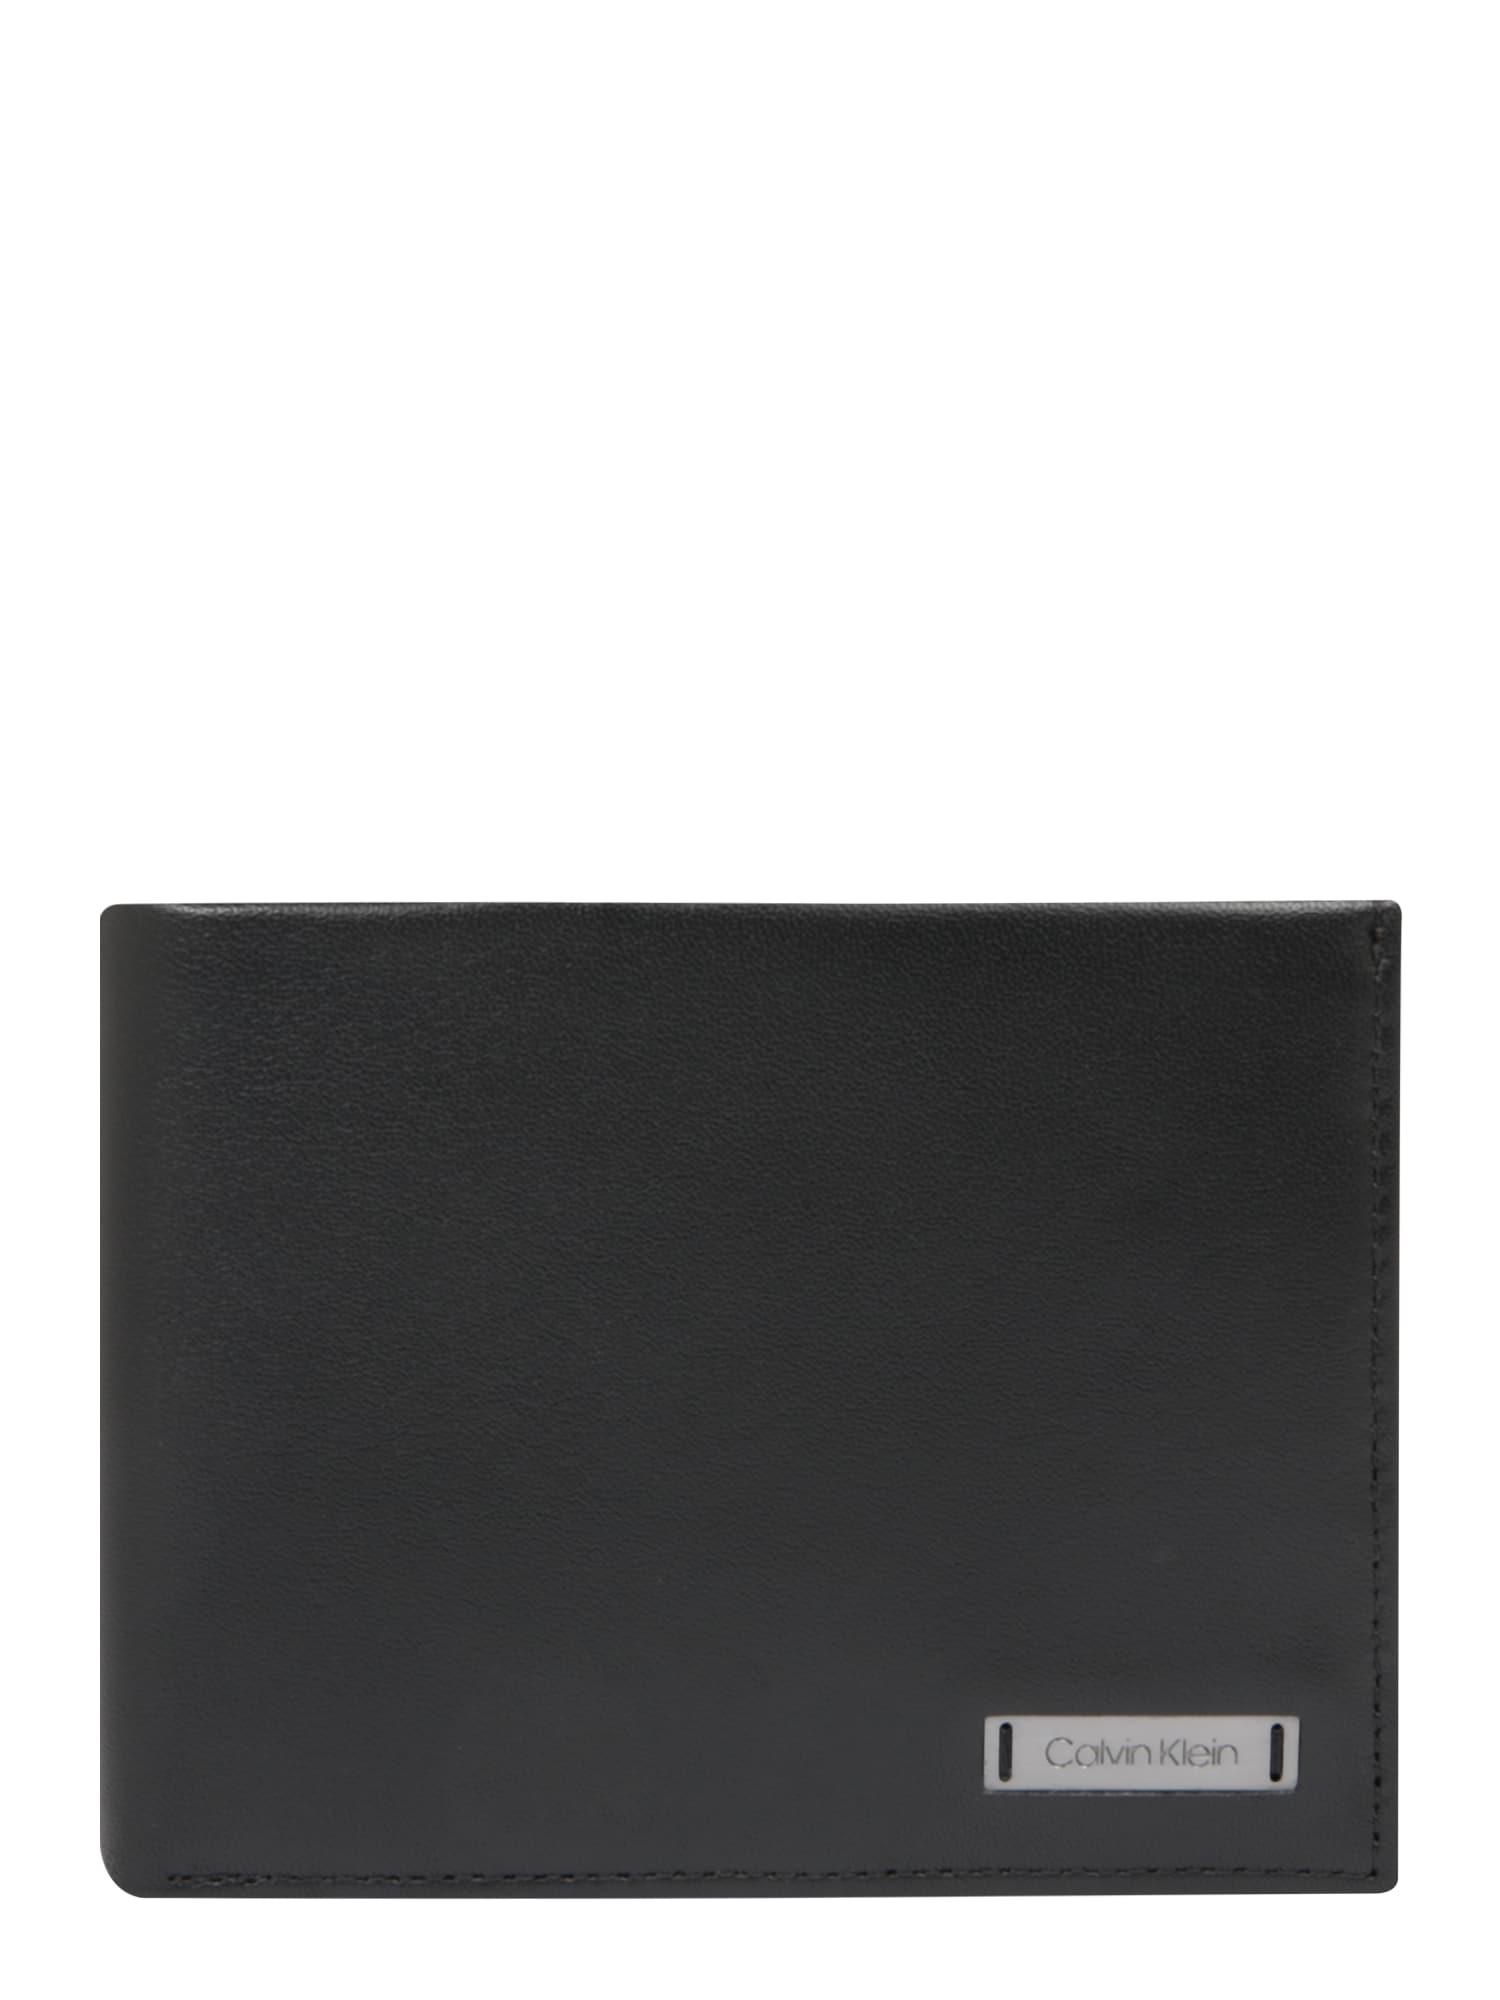 6e5ad0a51ae Calvin Klein Heren Portemonnee Smooth Zwart calvin klein kopen in de  aanbieding